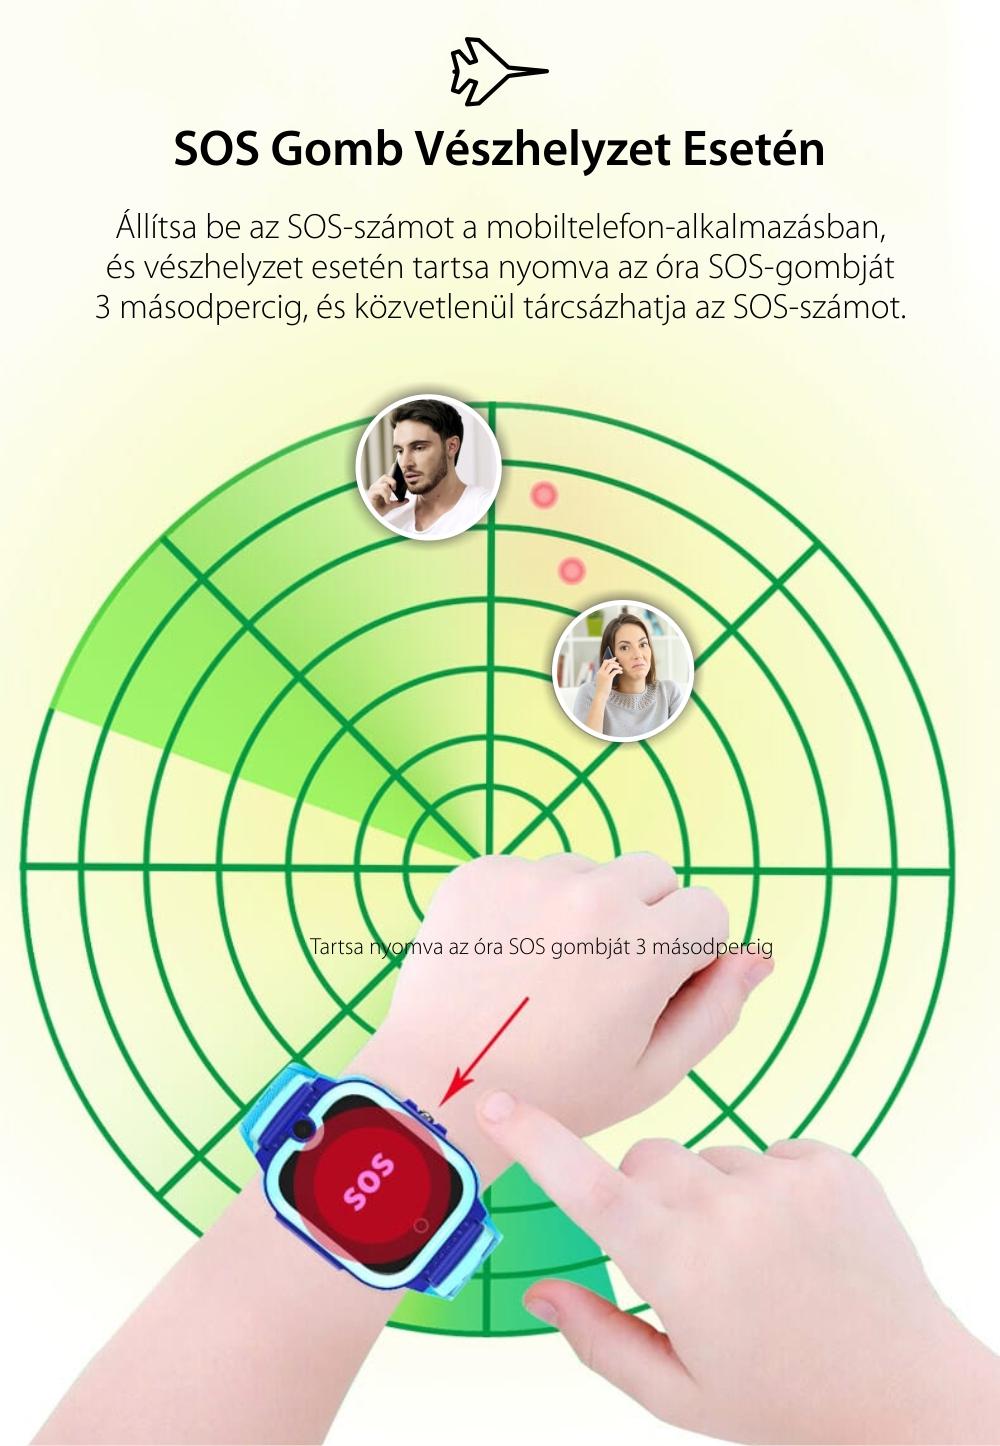 Okosóra gyerekeknek Wonlex KT13, SIM kártya foglalat, 4G, Vízállóság IP54, Videohívás, SOS Gomb, Kétirányú kommunikáció, GPS Nyomkövető, Kék